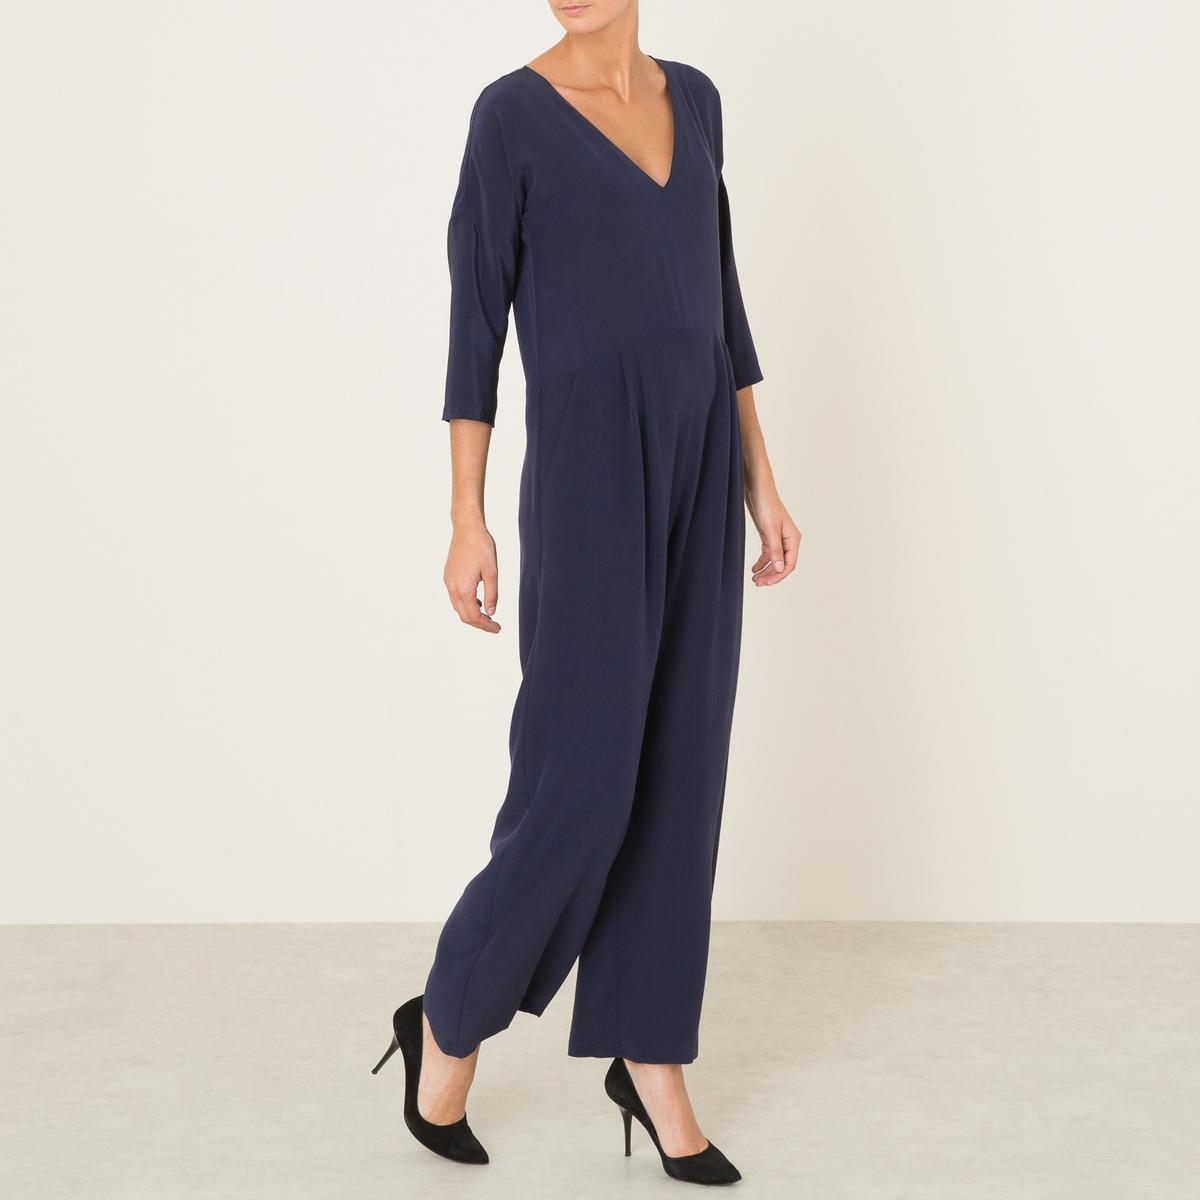 Комбинезон с брюками ERICE BISСостав и описание :Материал : 100% шелкМарка : MOMONI<br><br>Цвет: темно-синий